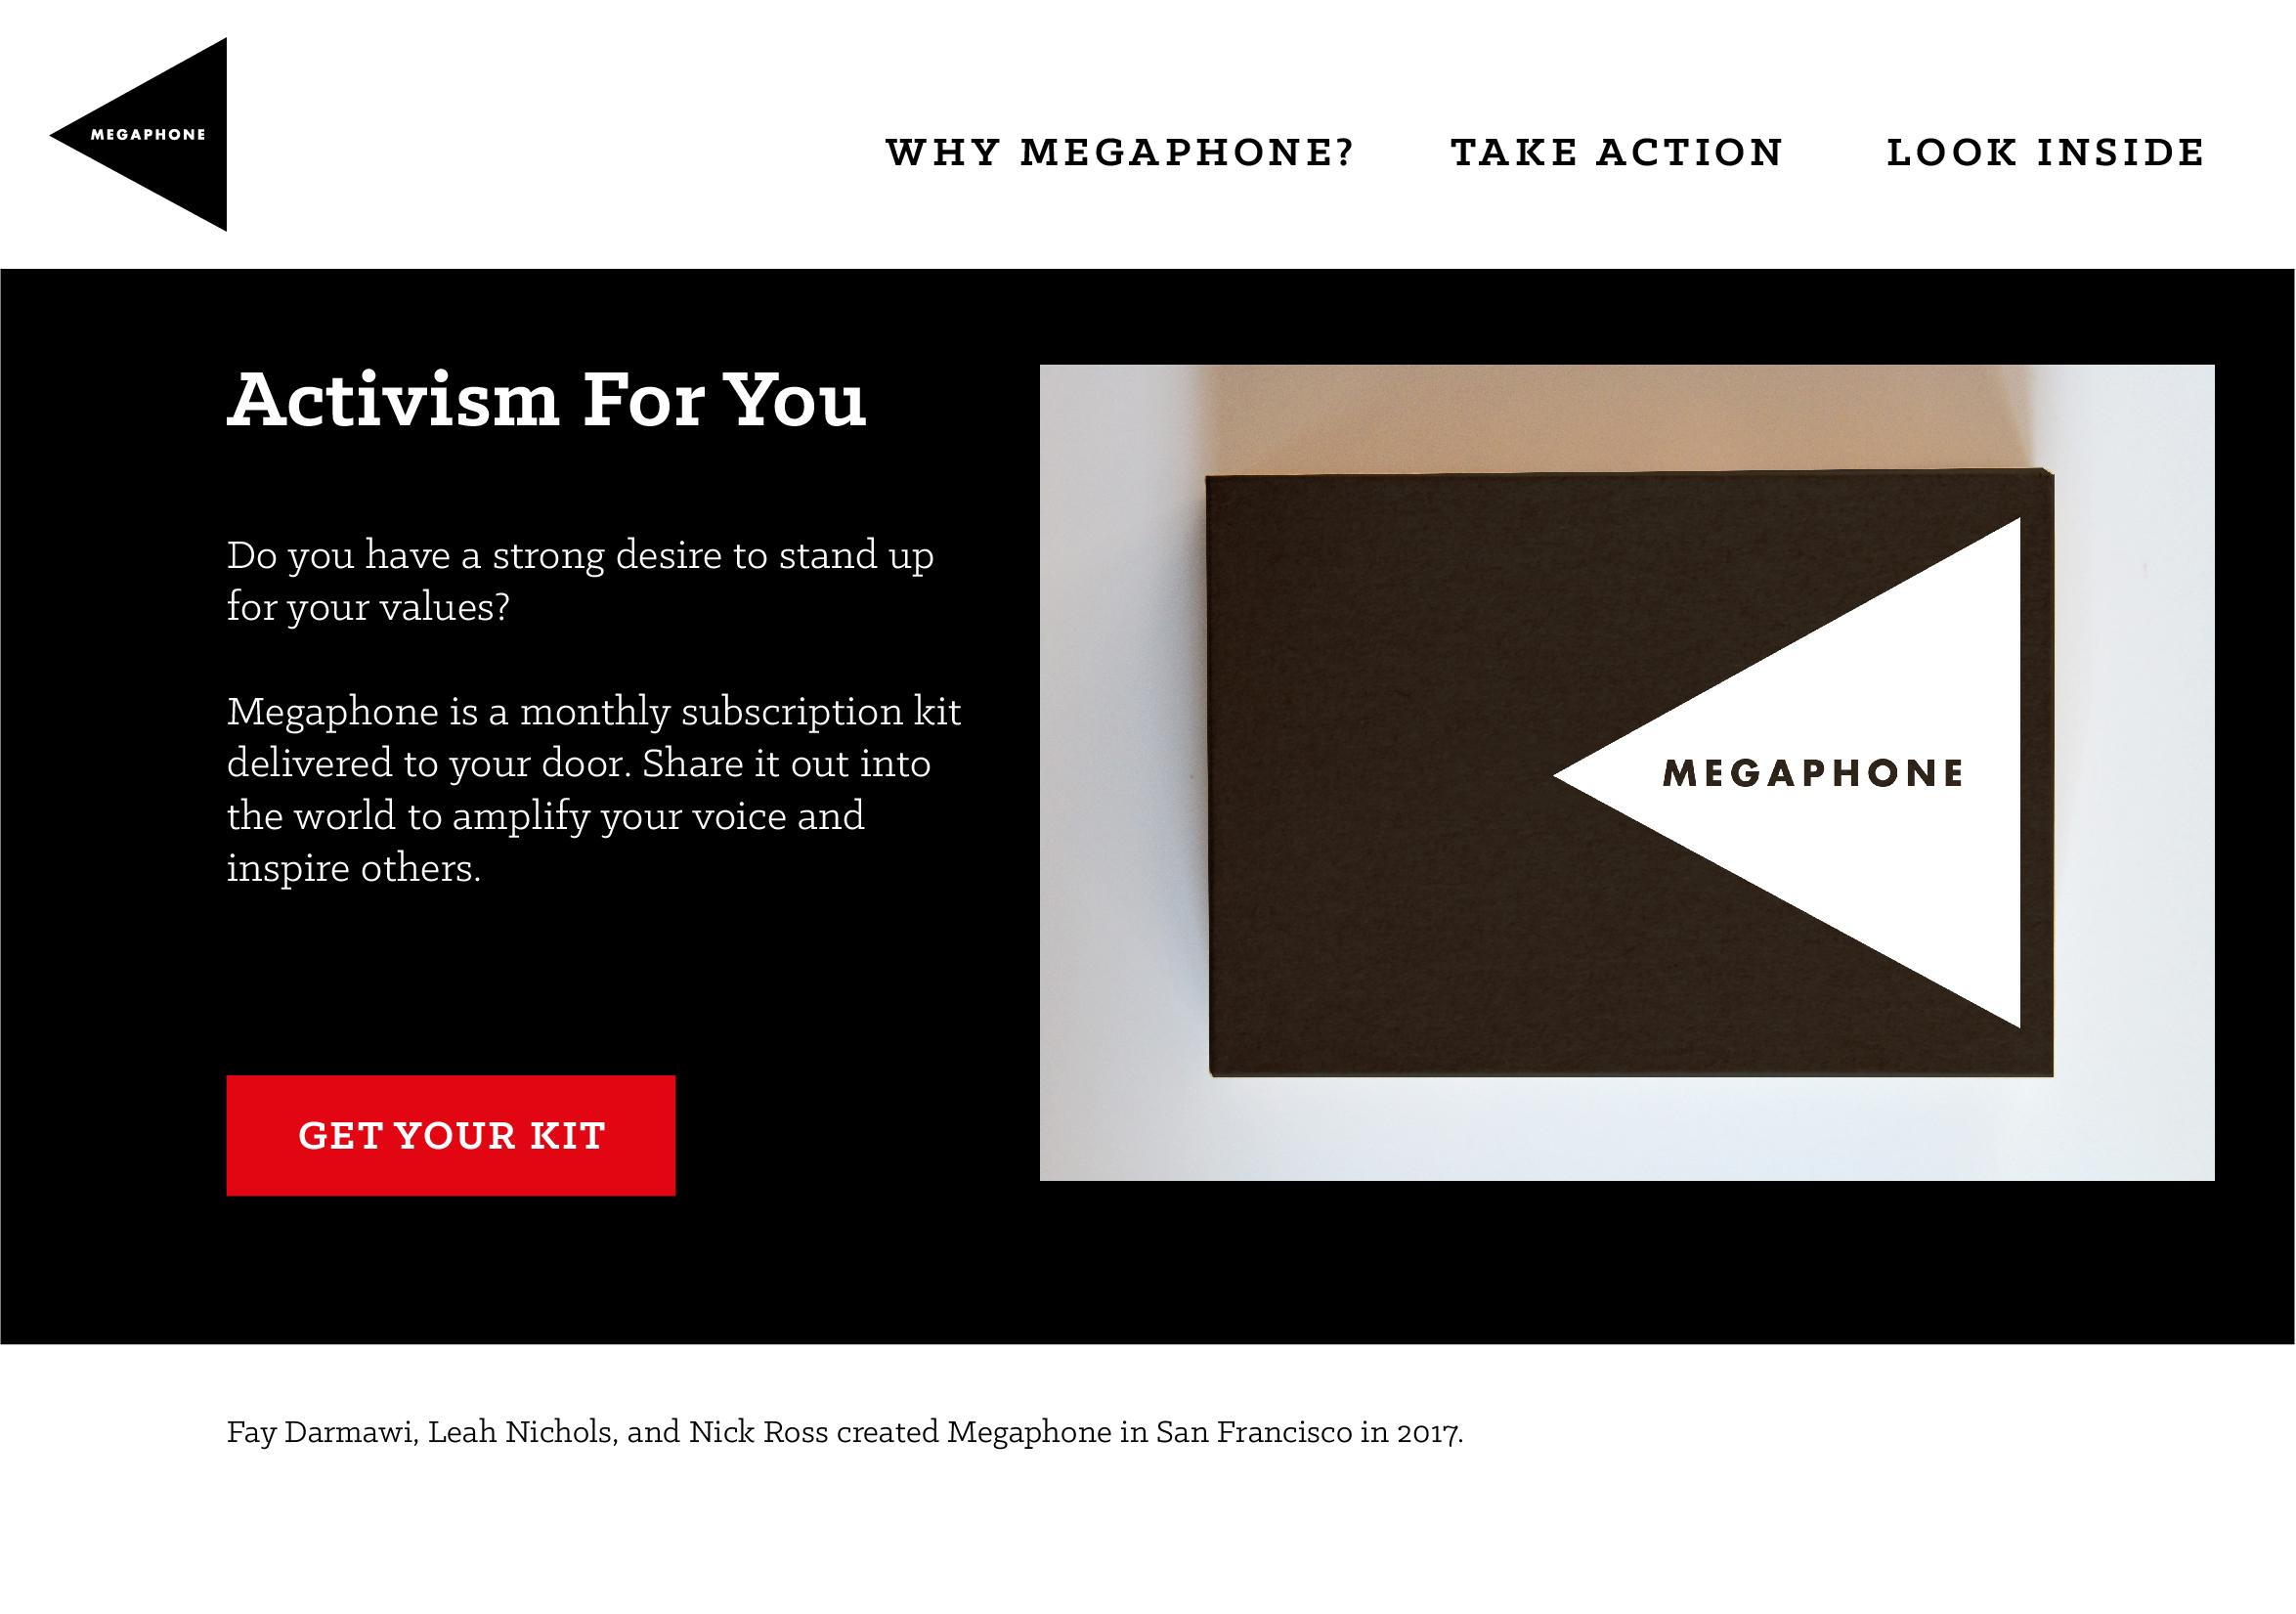 Megaphone_webpages-01.jpg